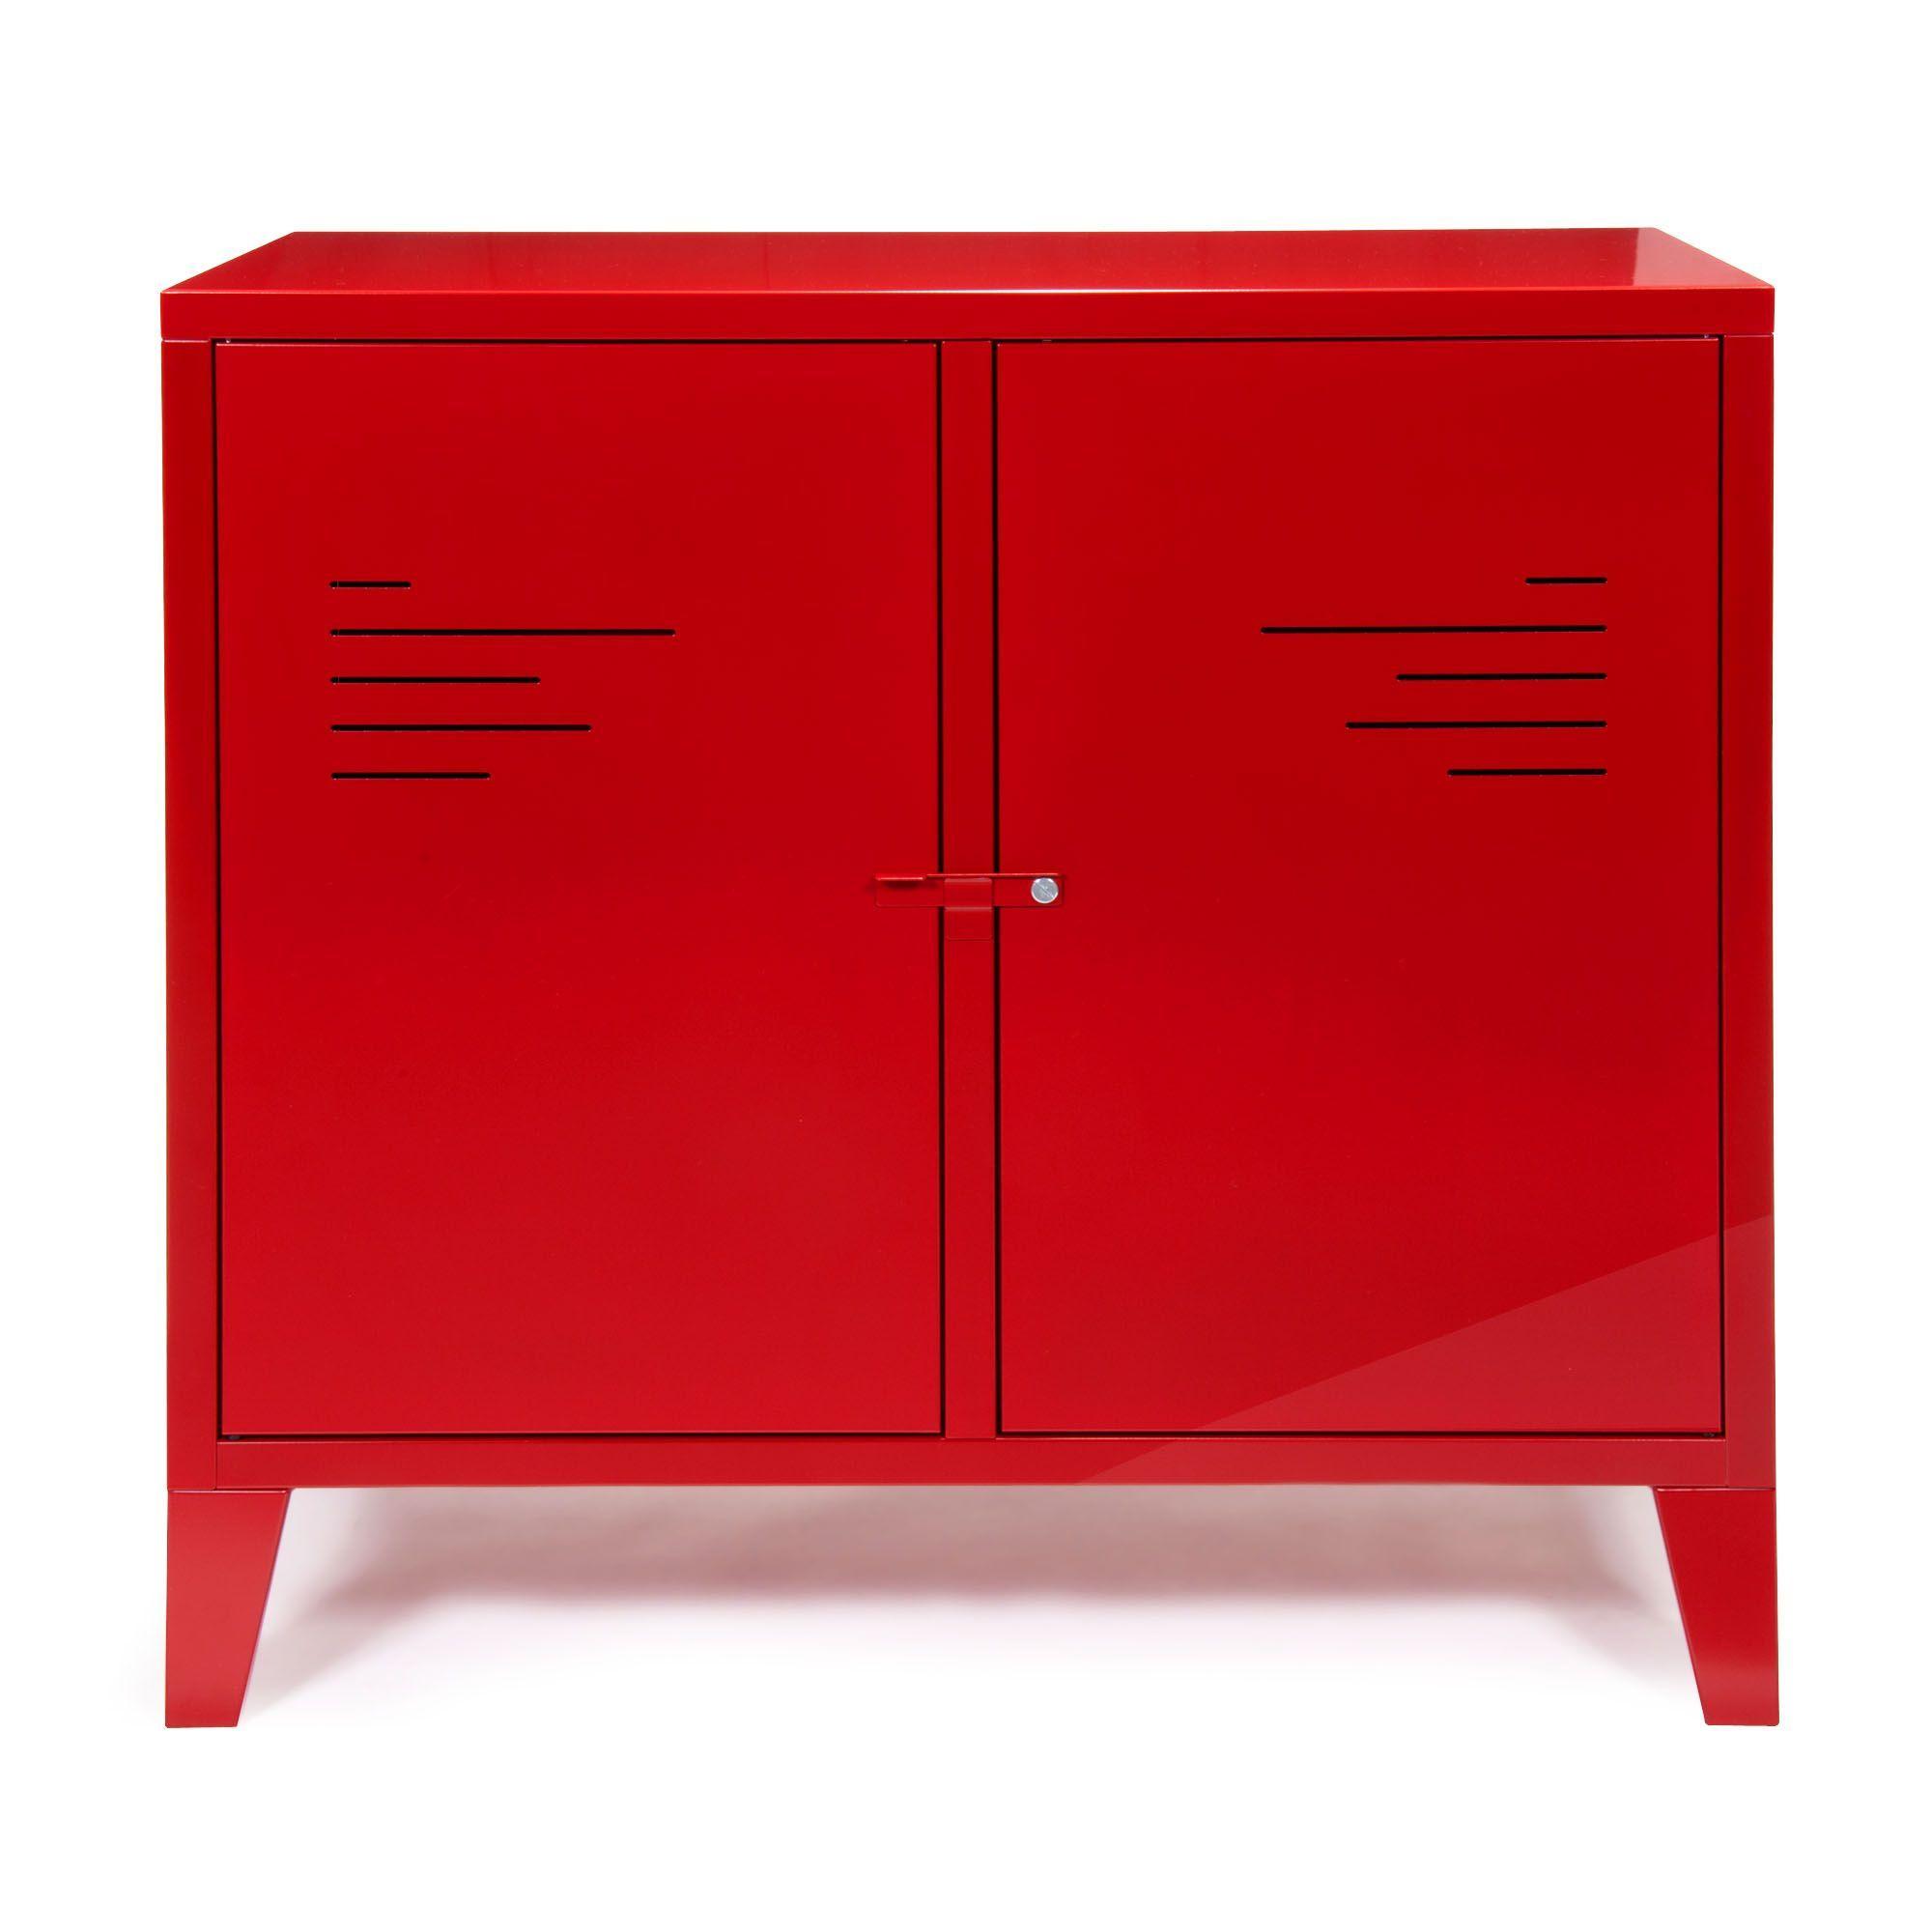 commode 2 portes rouge en m tal lofter alinea meubles d co pinterest bureaus and salons. Black Bedroom Furniture Sets. Home Design Ideas